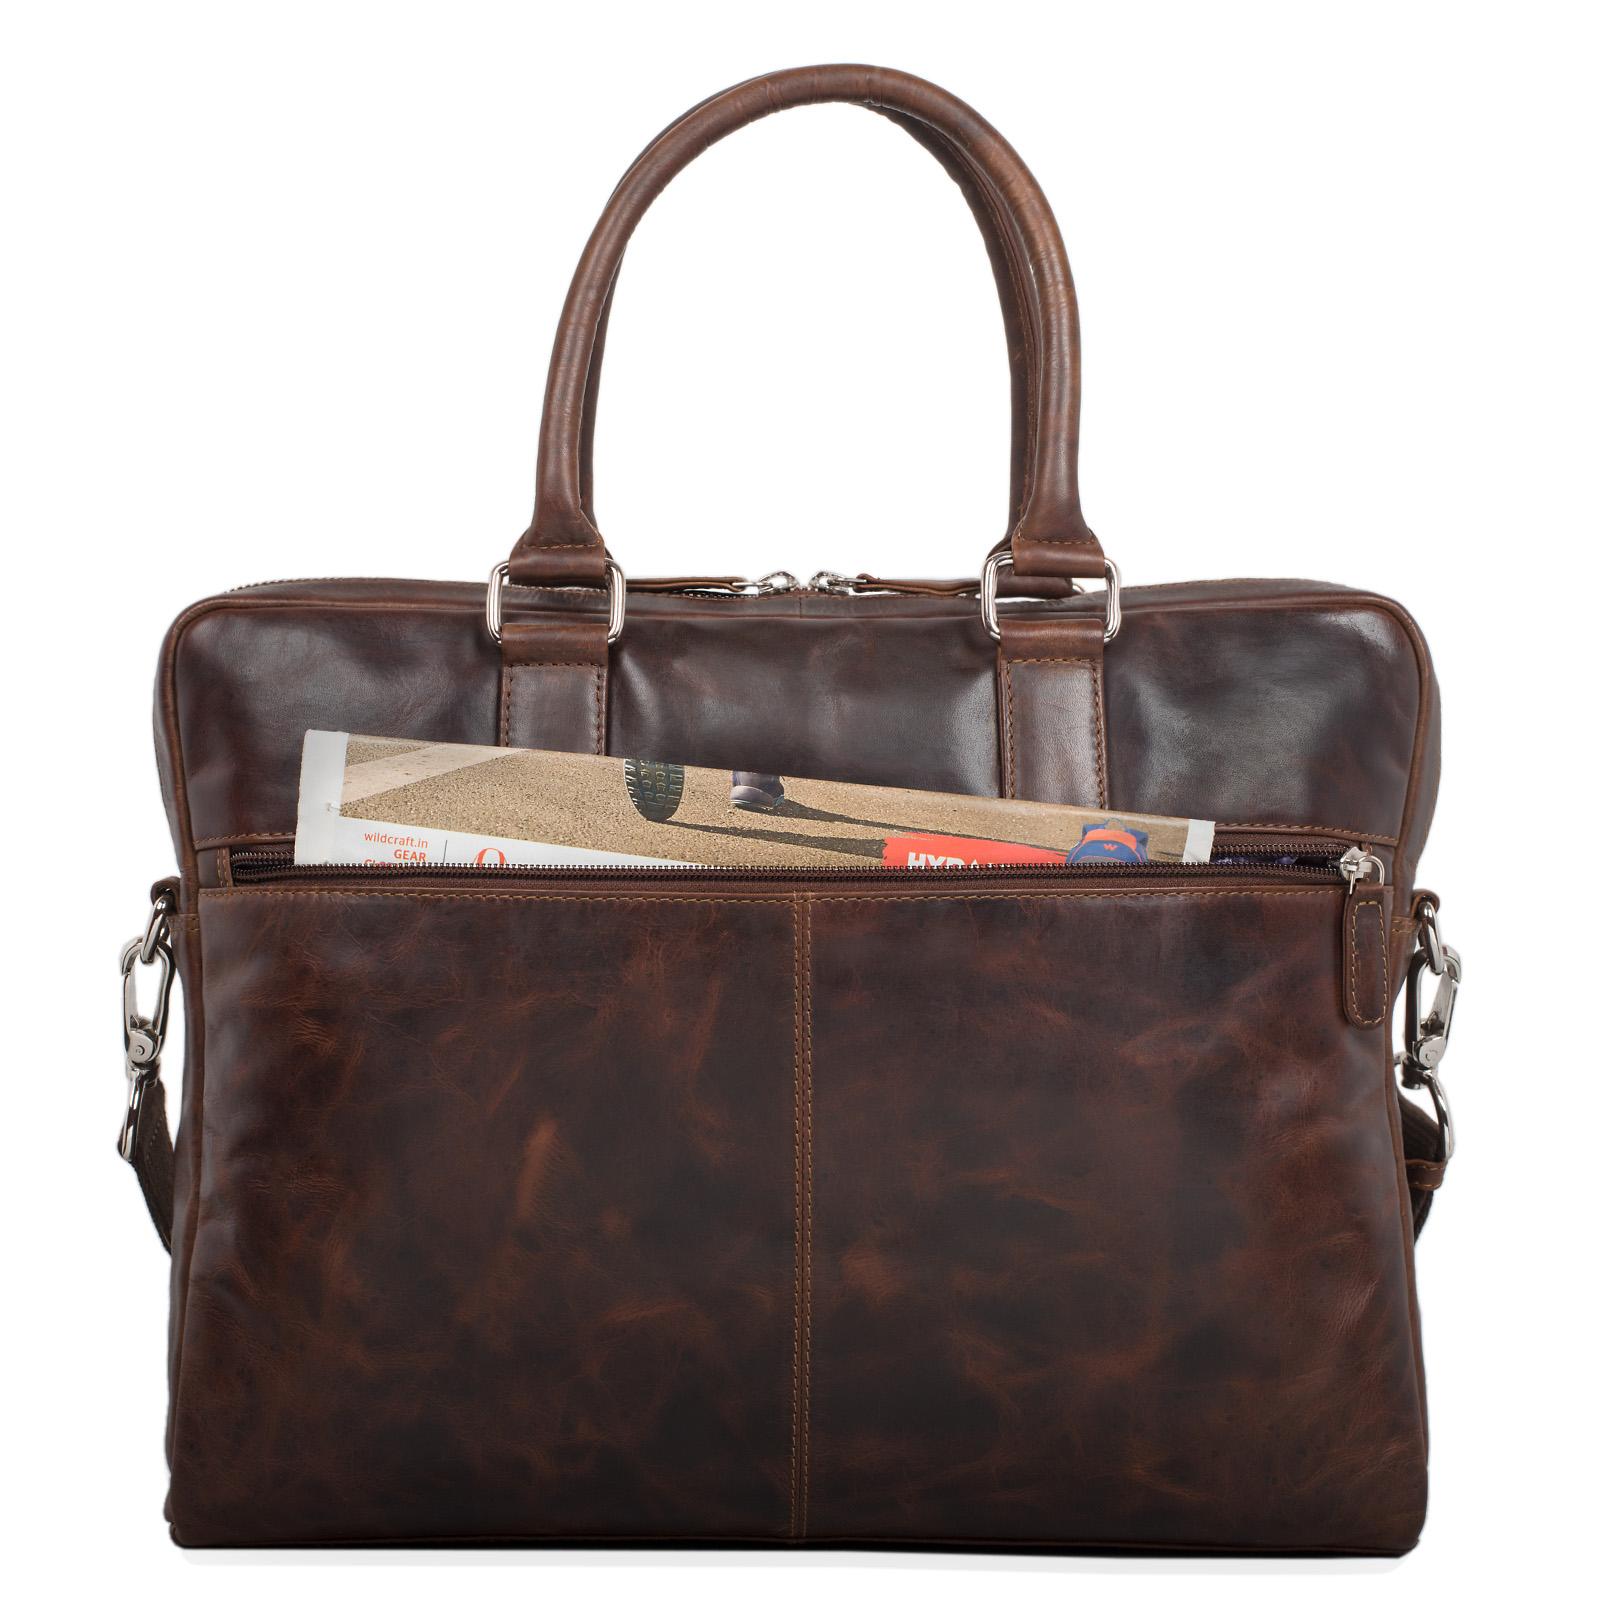 """STILORD """"Emilio"""" Umhängetasche Leder Vintage groß Schultertasche elegante Handtasche für Büro Business Arbeit Laptop 13.3 Zoll Aktentasche DIN A4 - Bild 21"""